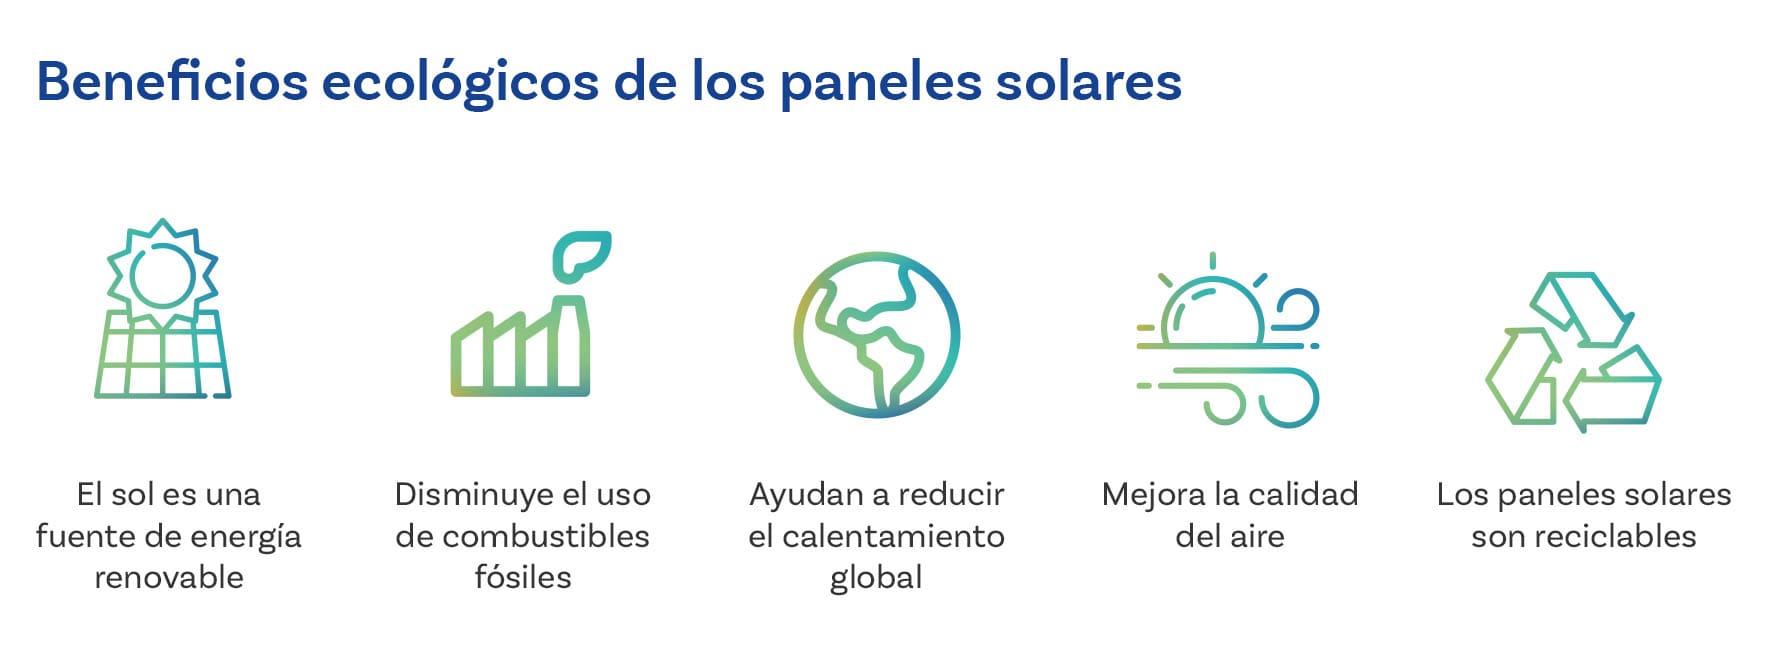 Beneficios ecologicos de los paneles solares